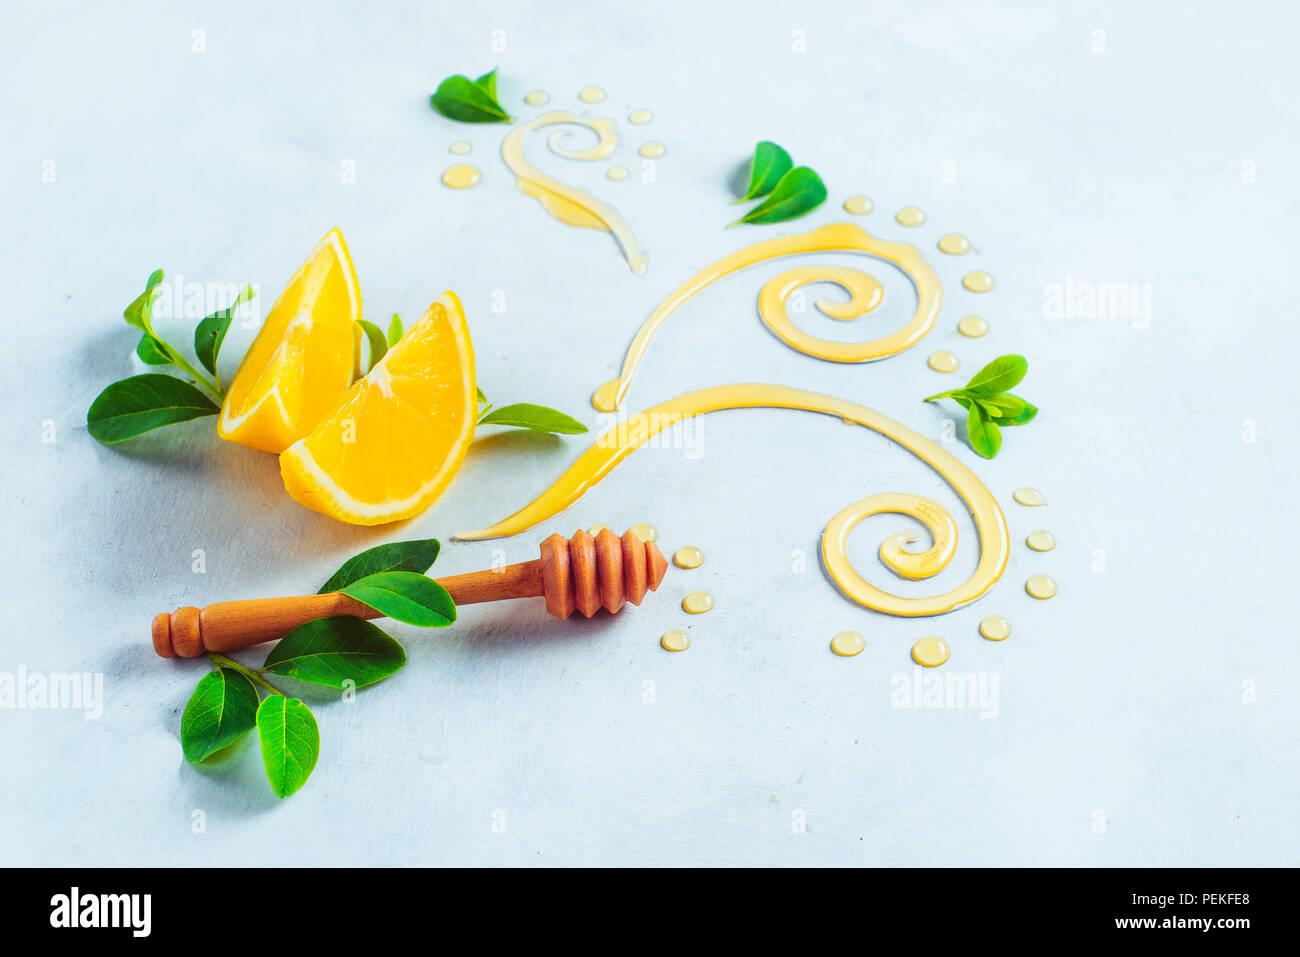 Il miele il bilanciere con miele decorativo volute e le fette di limone su un bianco sullo sfondo di legno con copia spazio. Cucina creativa la fotografia. Pittura con il cibo Immagini Stock